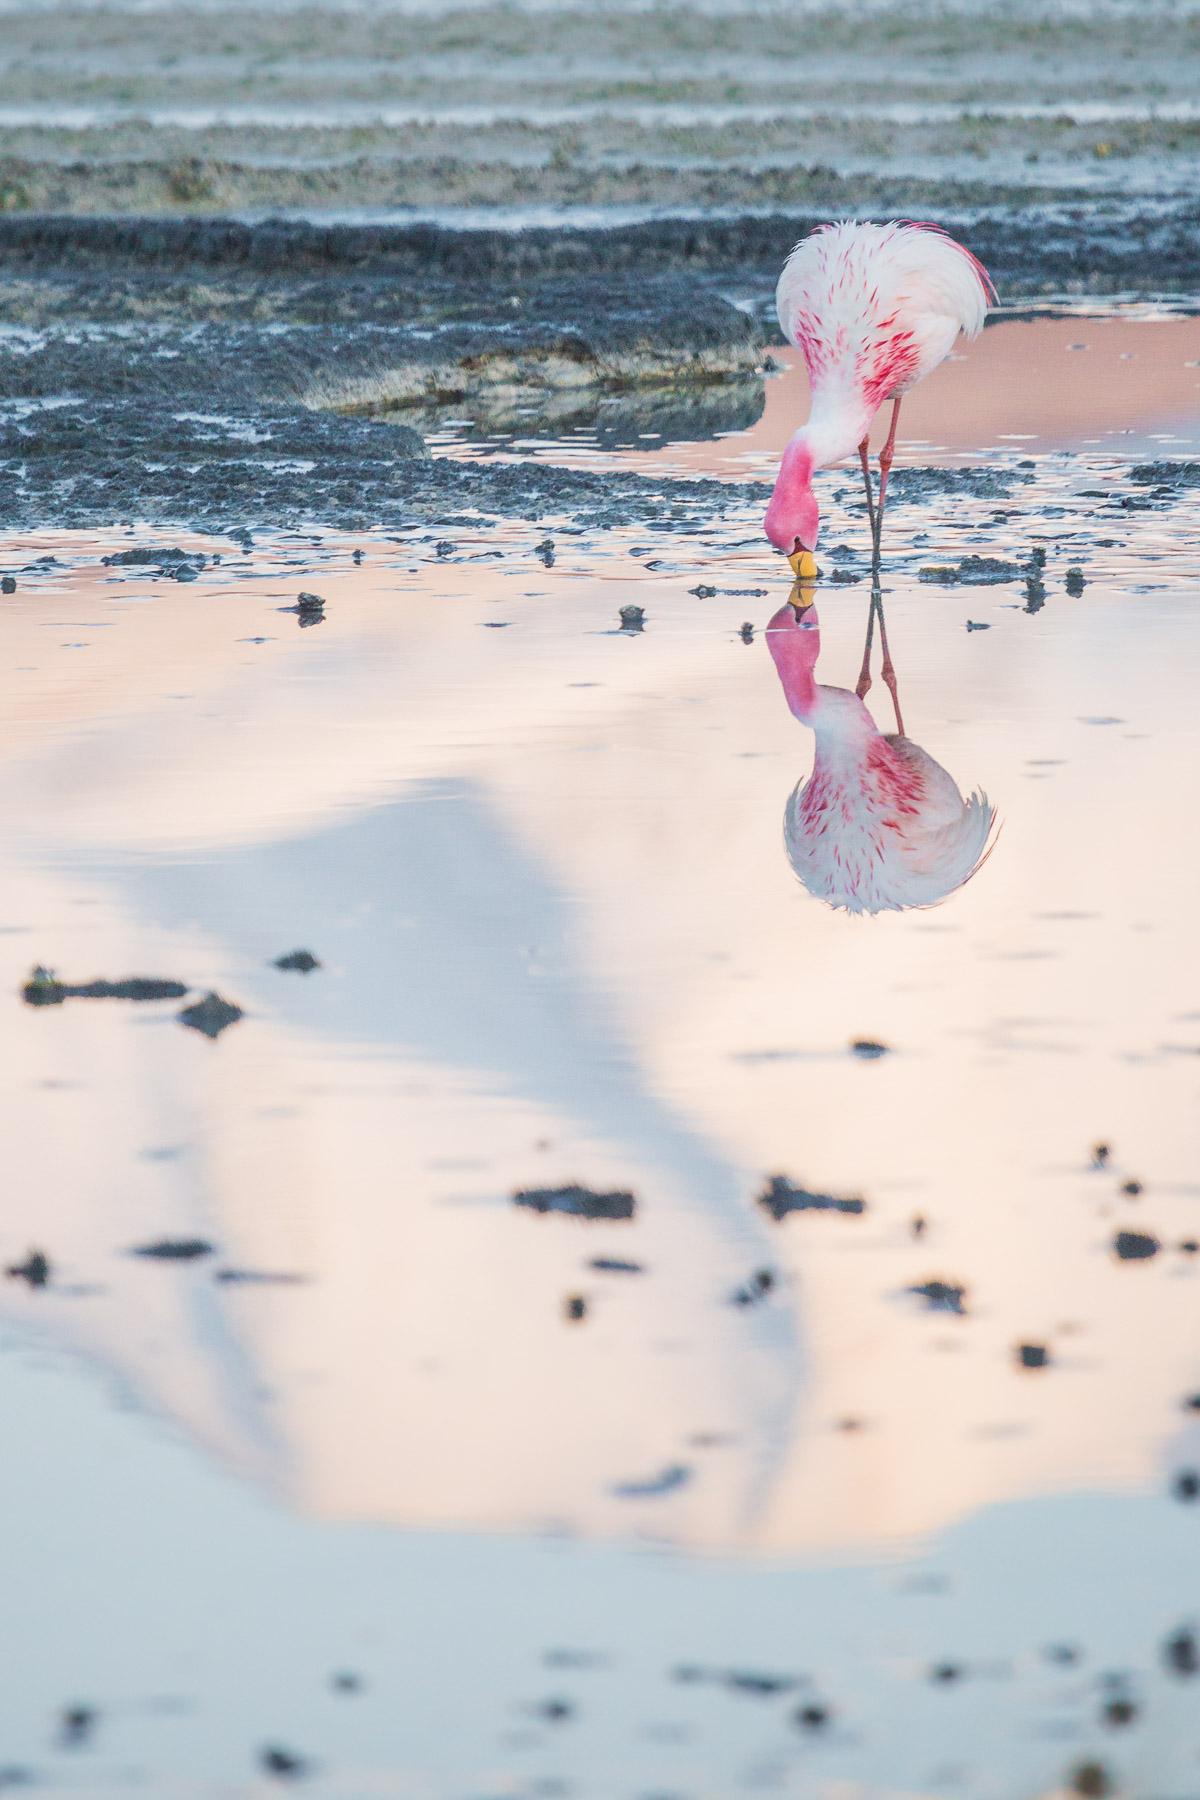 sunrise-flamingo-reflection-eduardo-avaroa-national-reserve-bolivia-ecolodge-travel-photographer.jpg